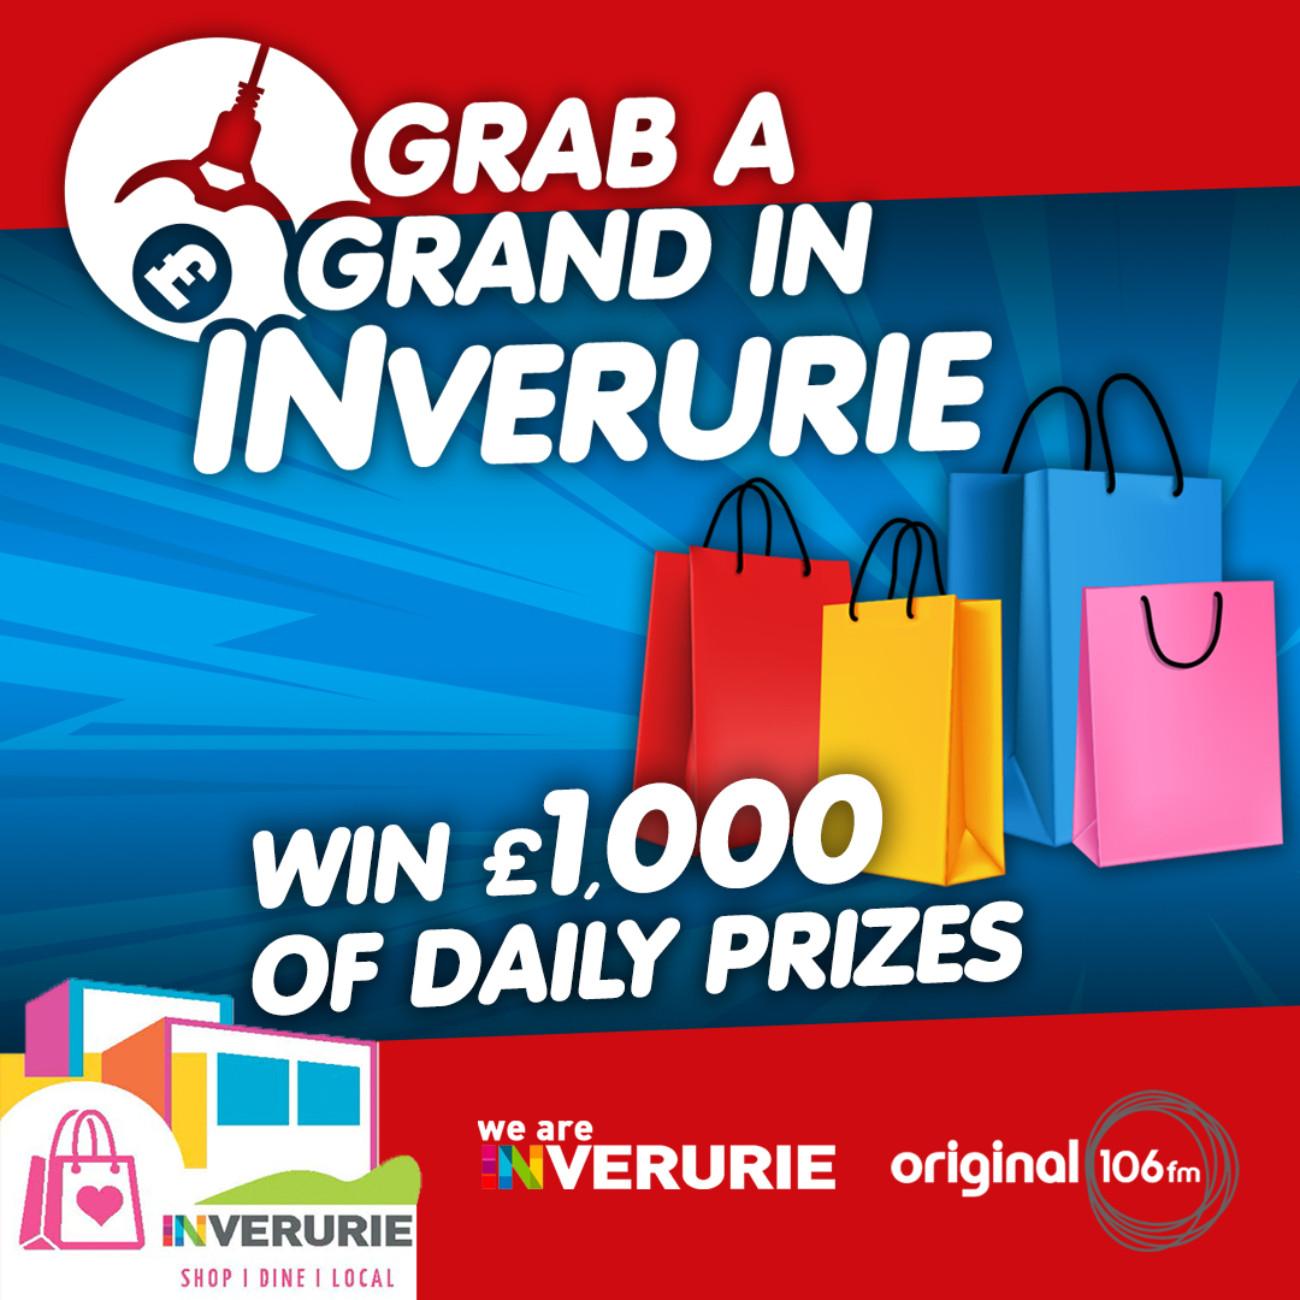 Original 106 x Grab a Grand in INverurie